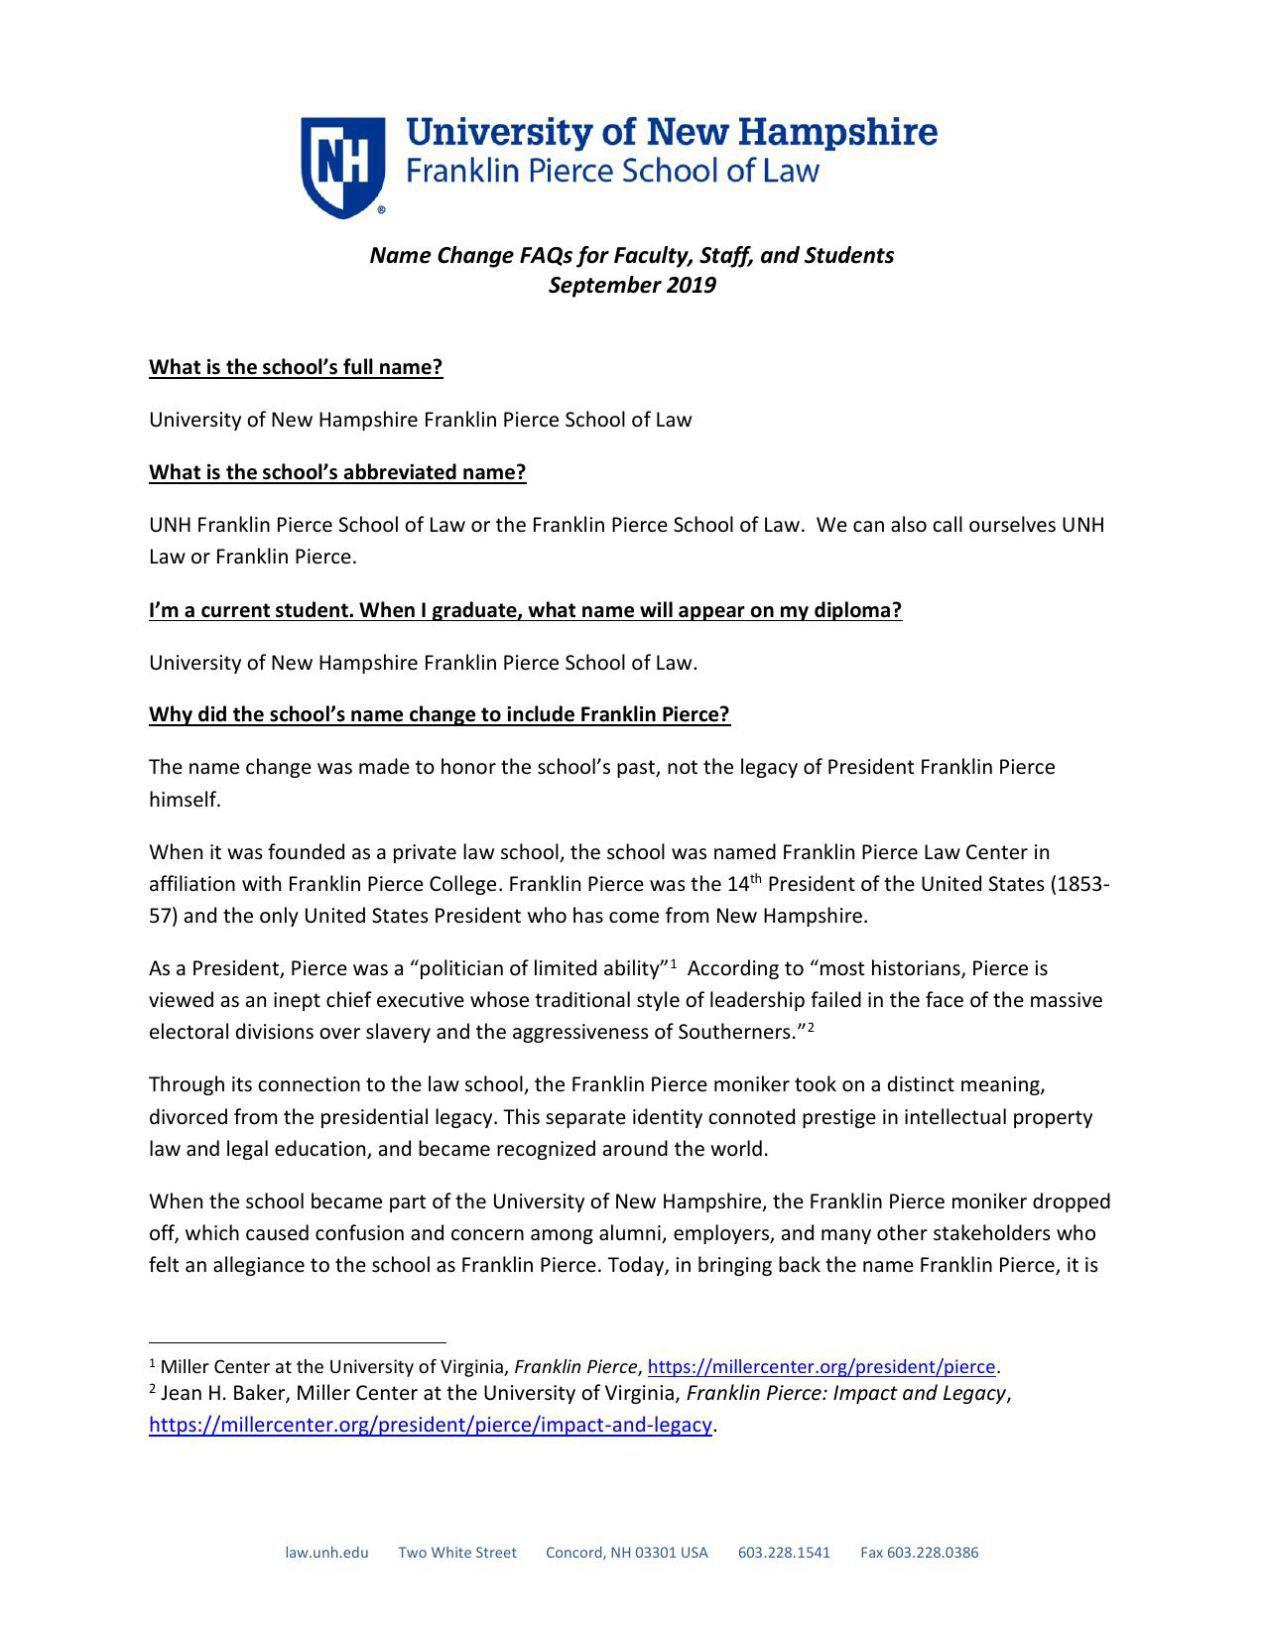 Franklin Pierce rebrand FAQs